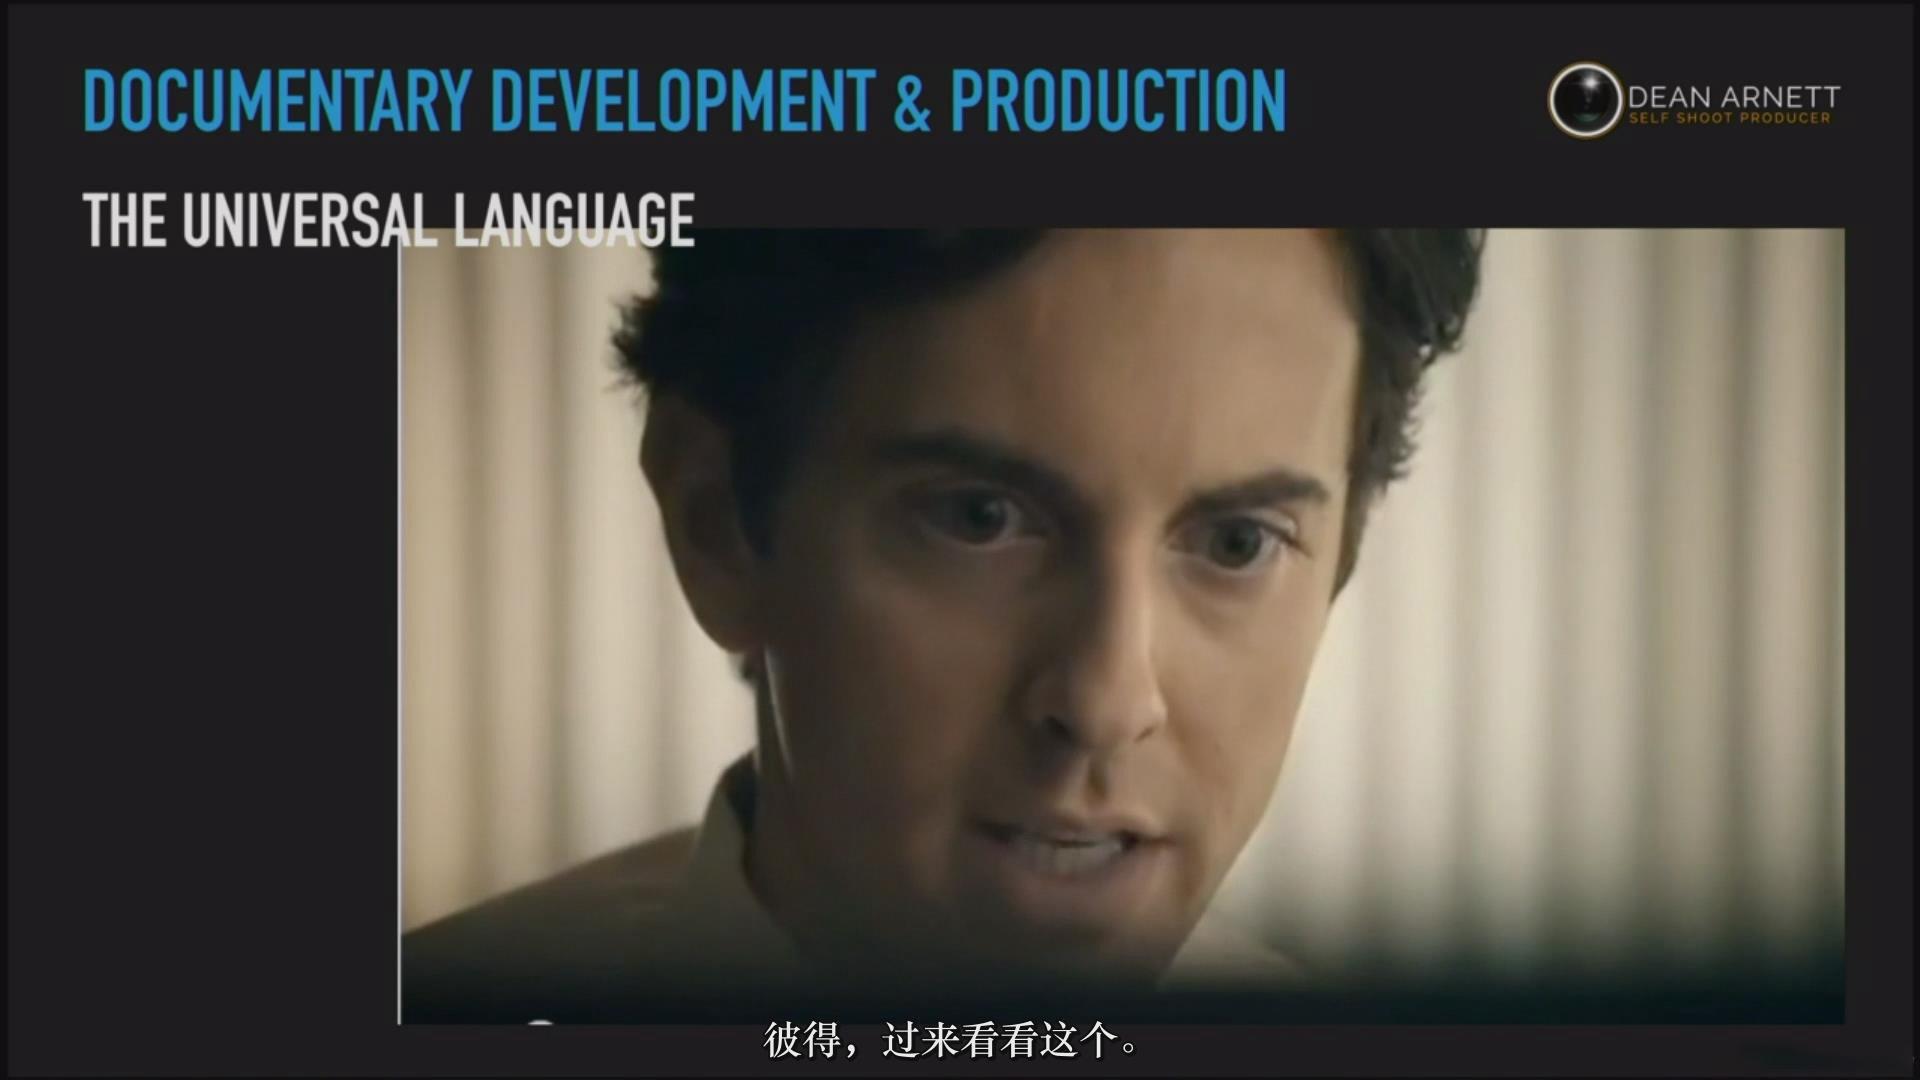 摄影教程_Dean Arnet-权威_广播标准_纪录片开发和制作大师班-中文字幕 摄影教程 _预览图5